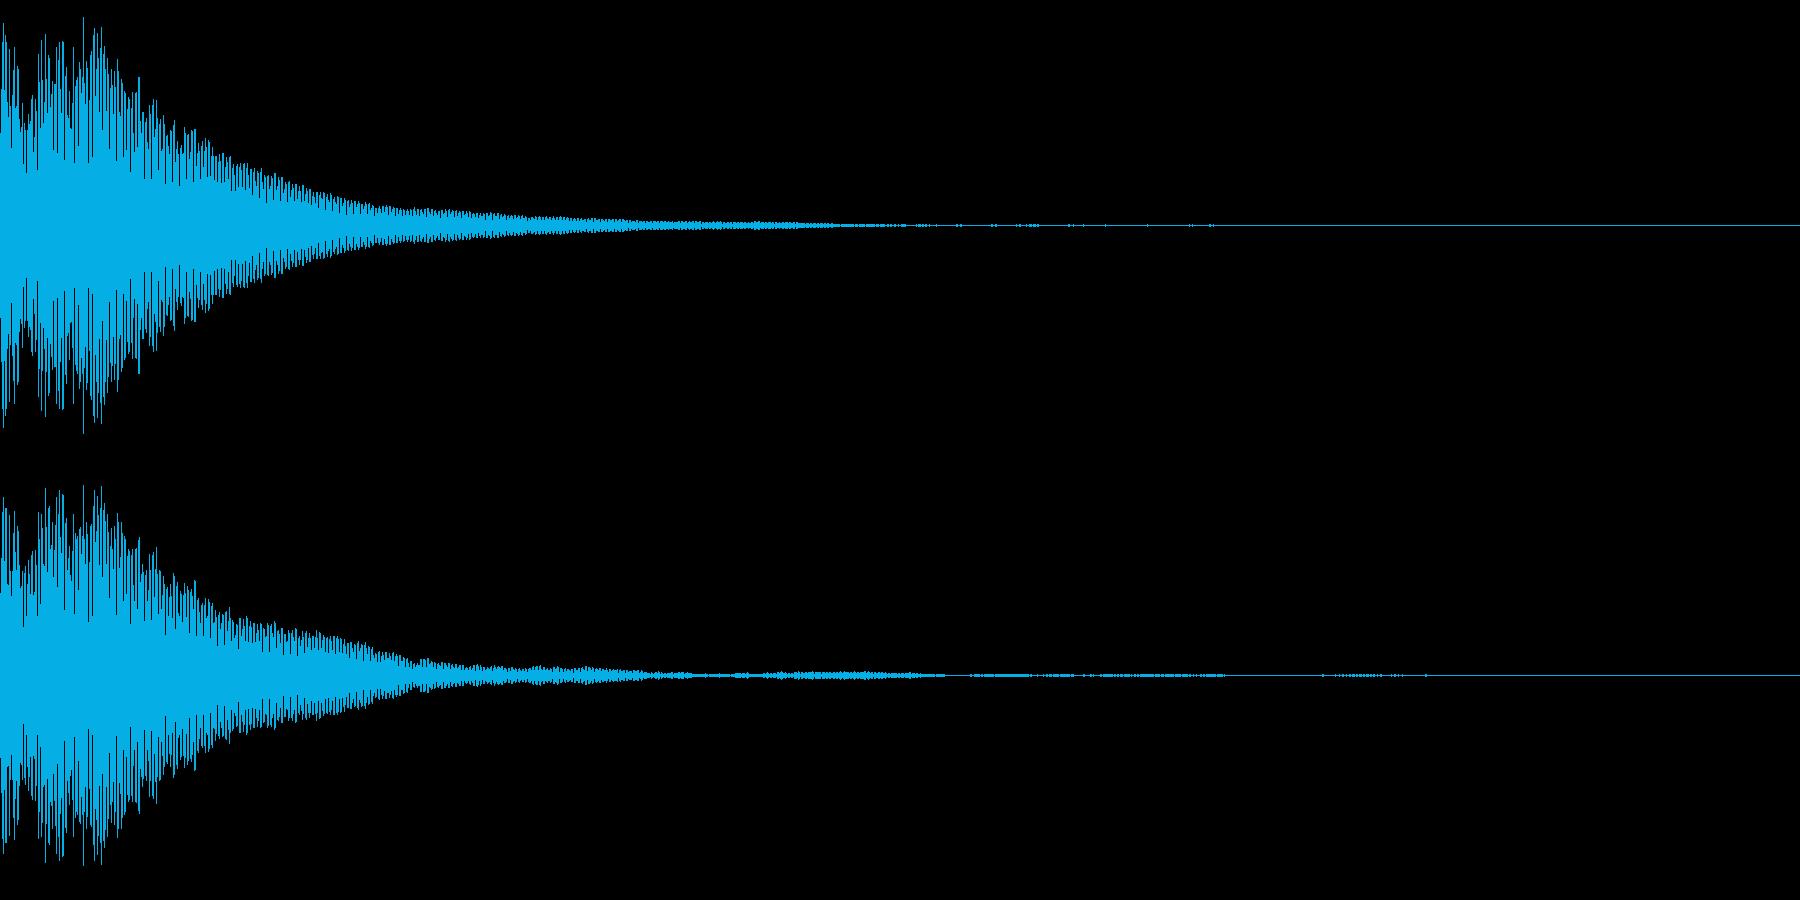 「ぽん」というタップ音の再生済みの波形